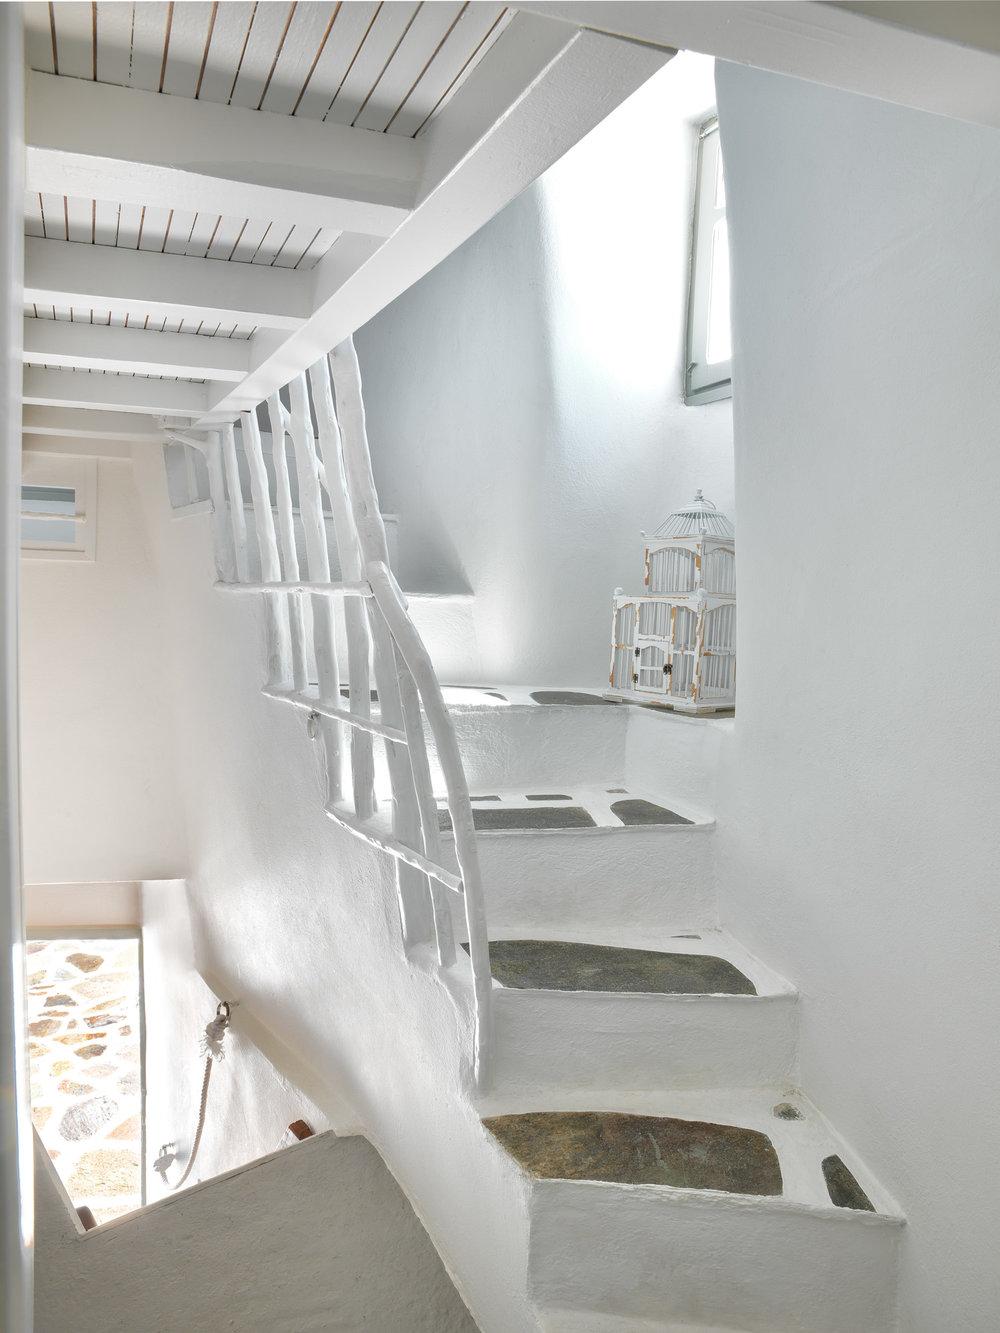 Aria Hotels Aera Milos Staircase.jpg